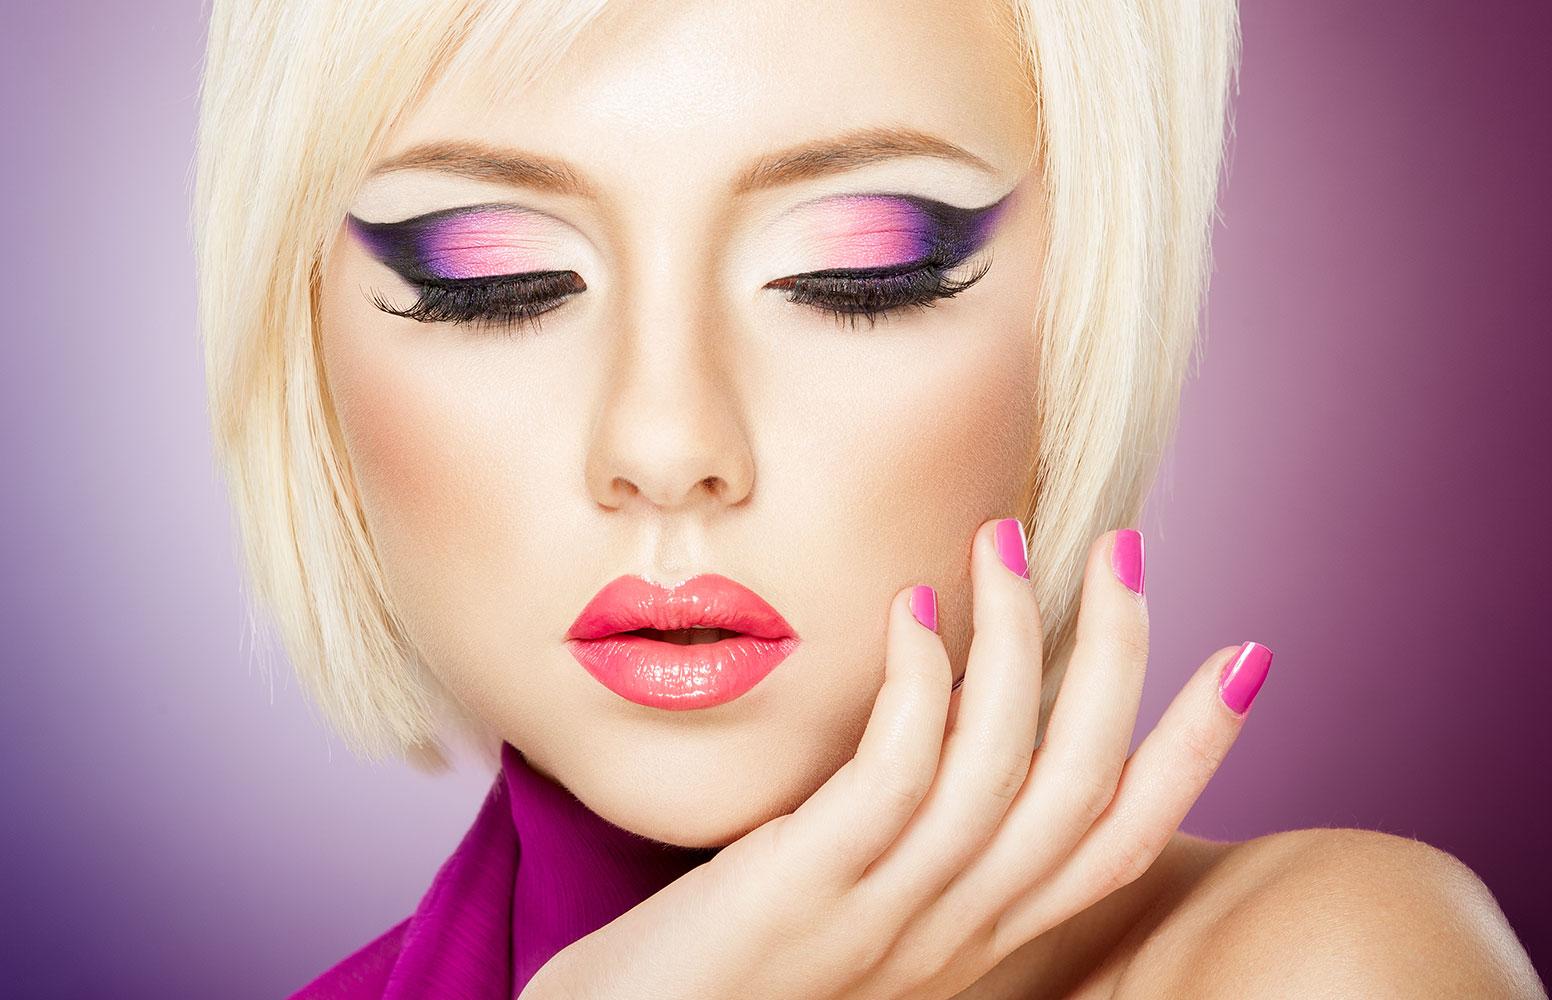 Конкурсный макияж модельное агенство правдинск